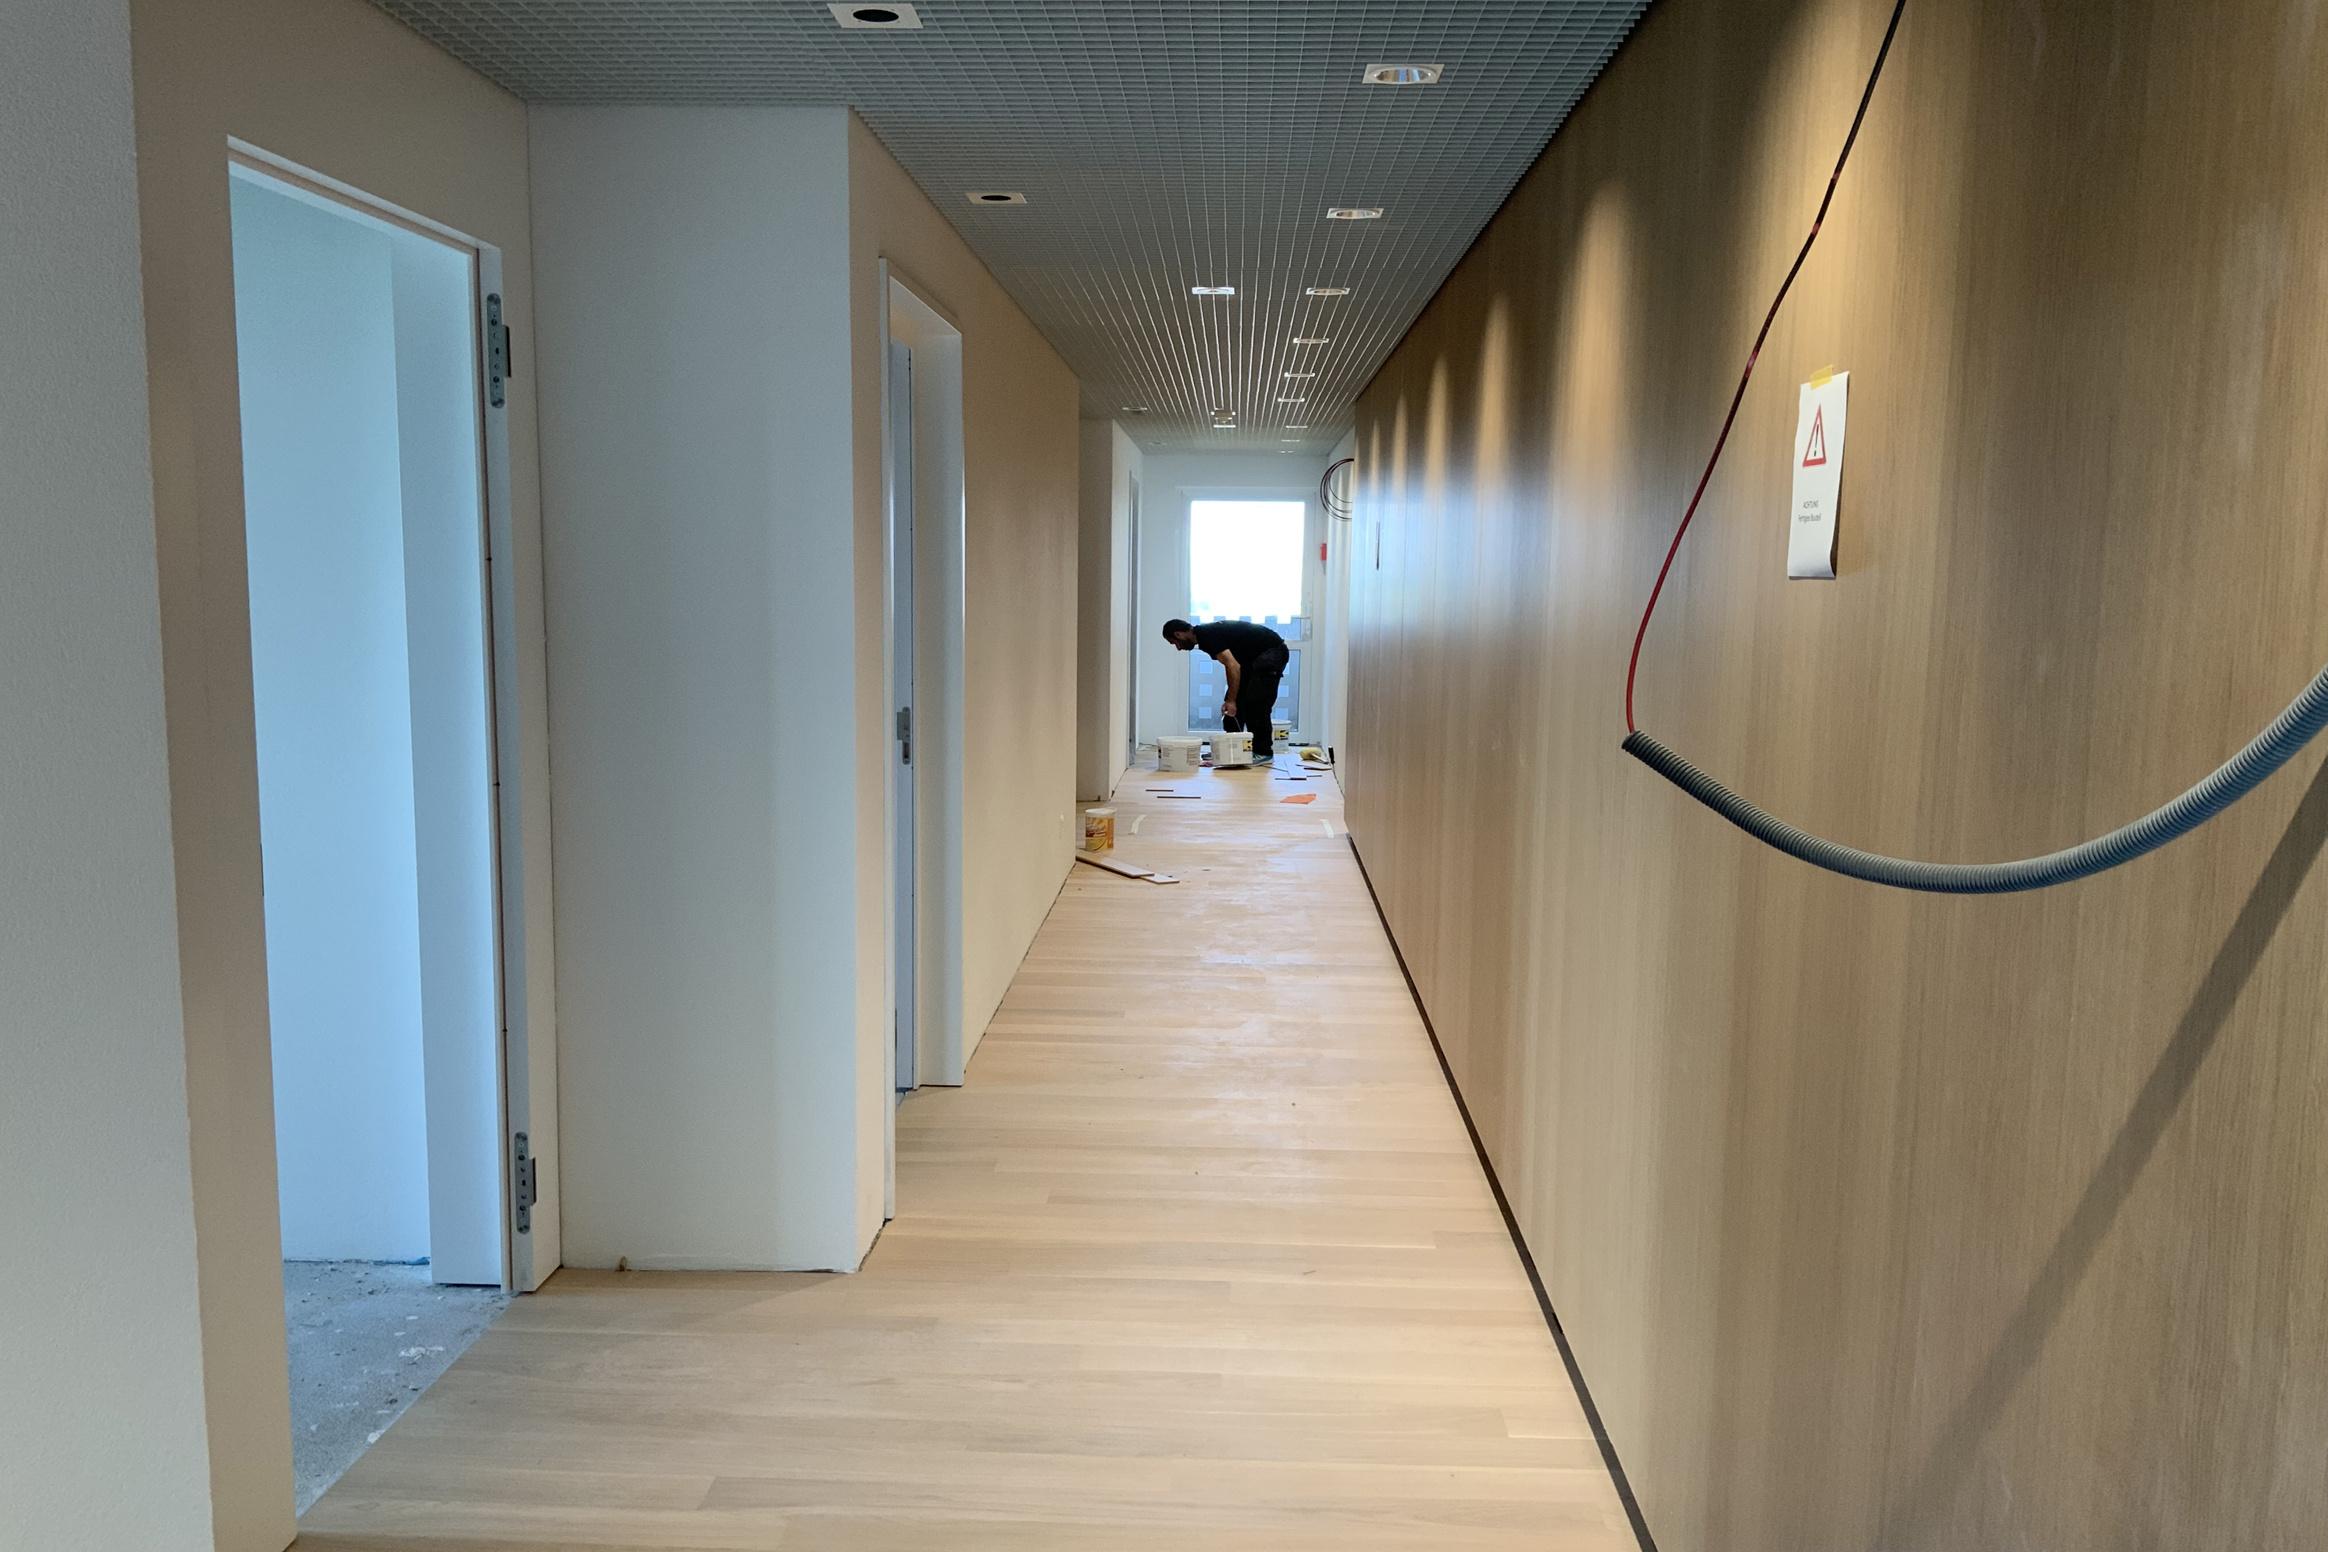 625 Korridor